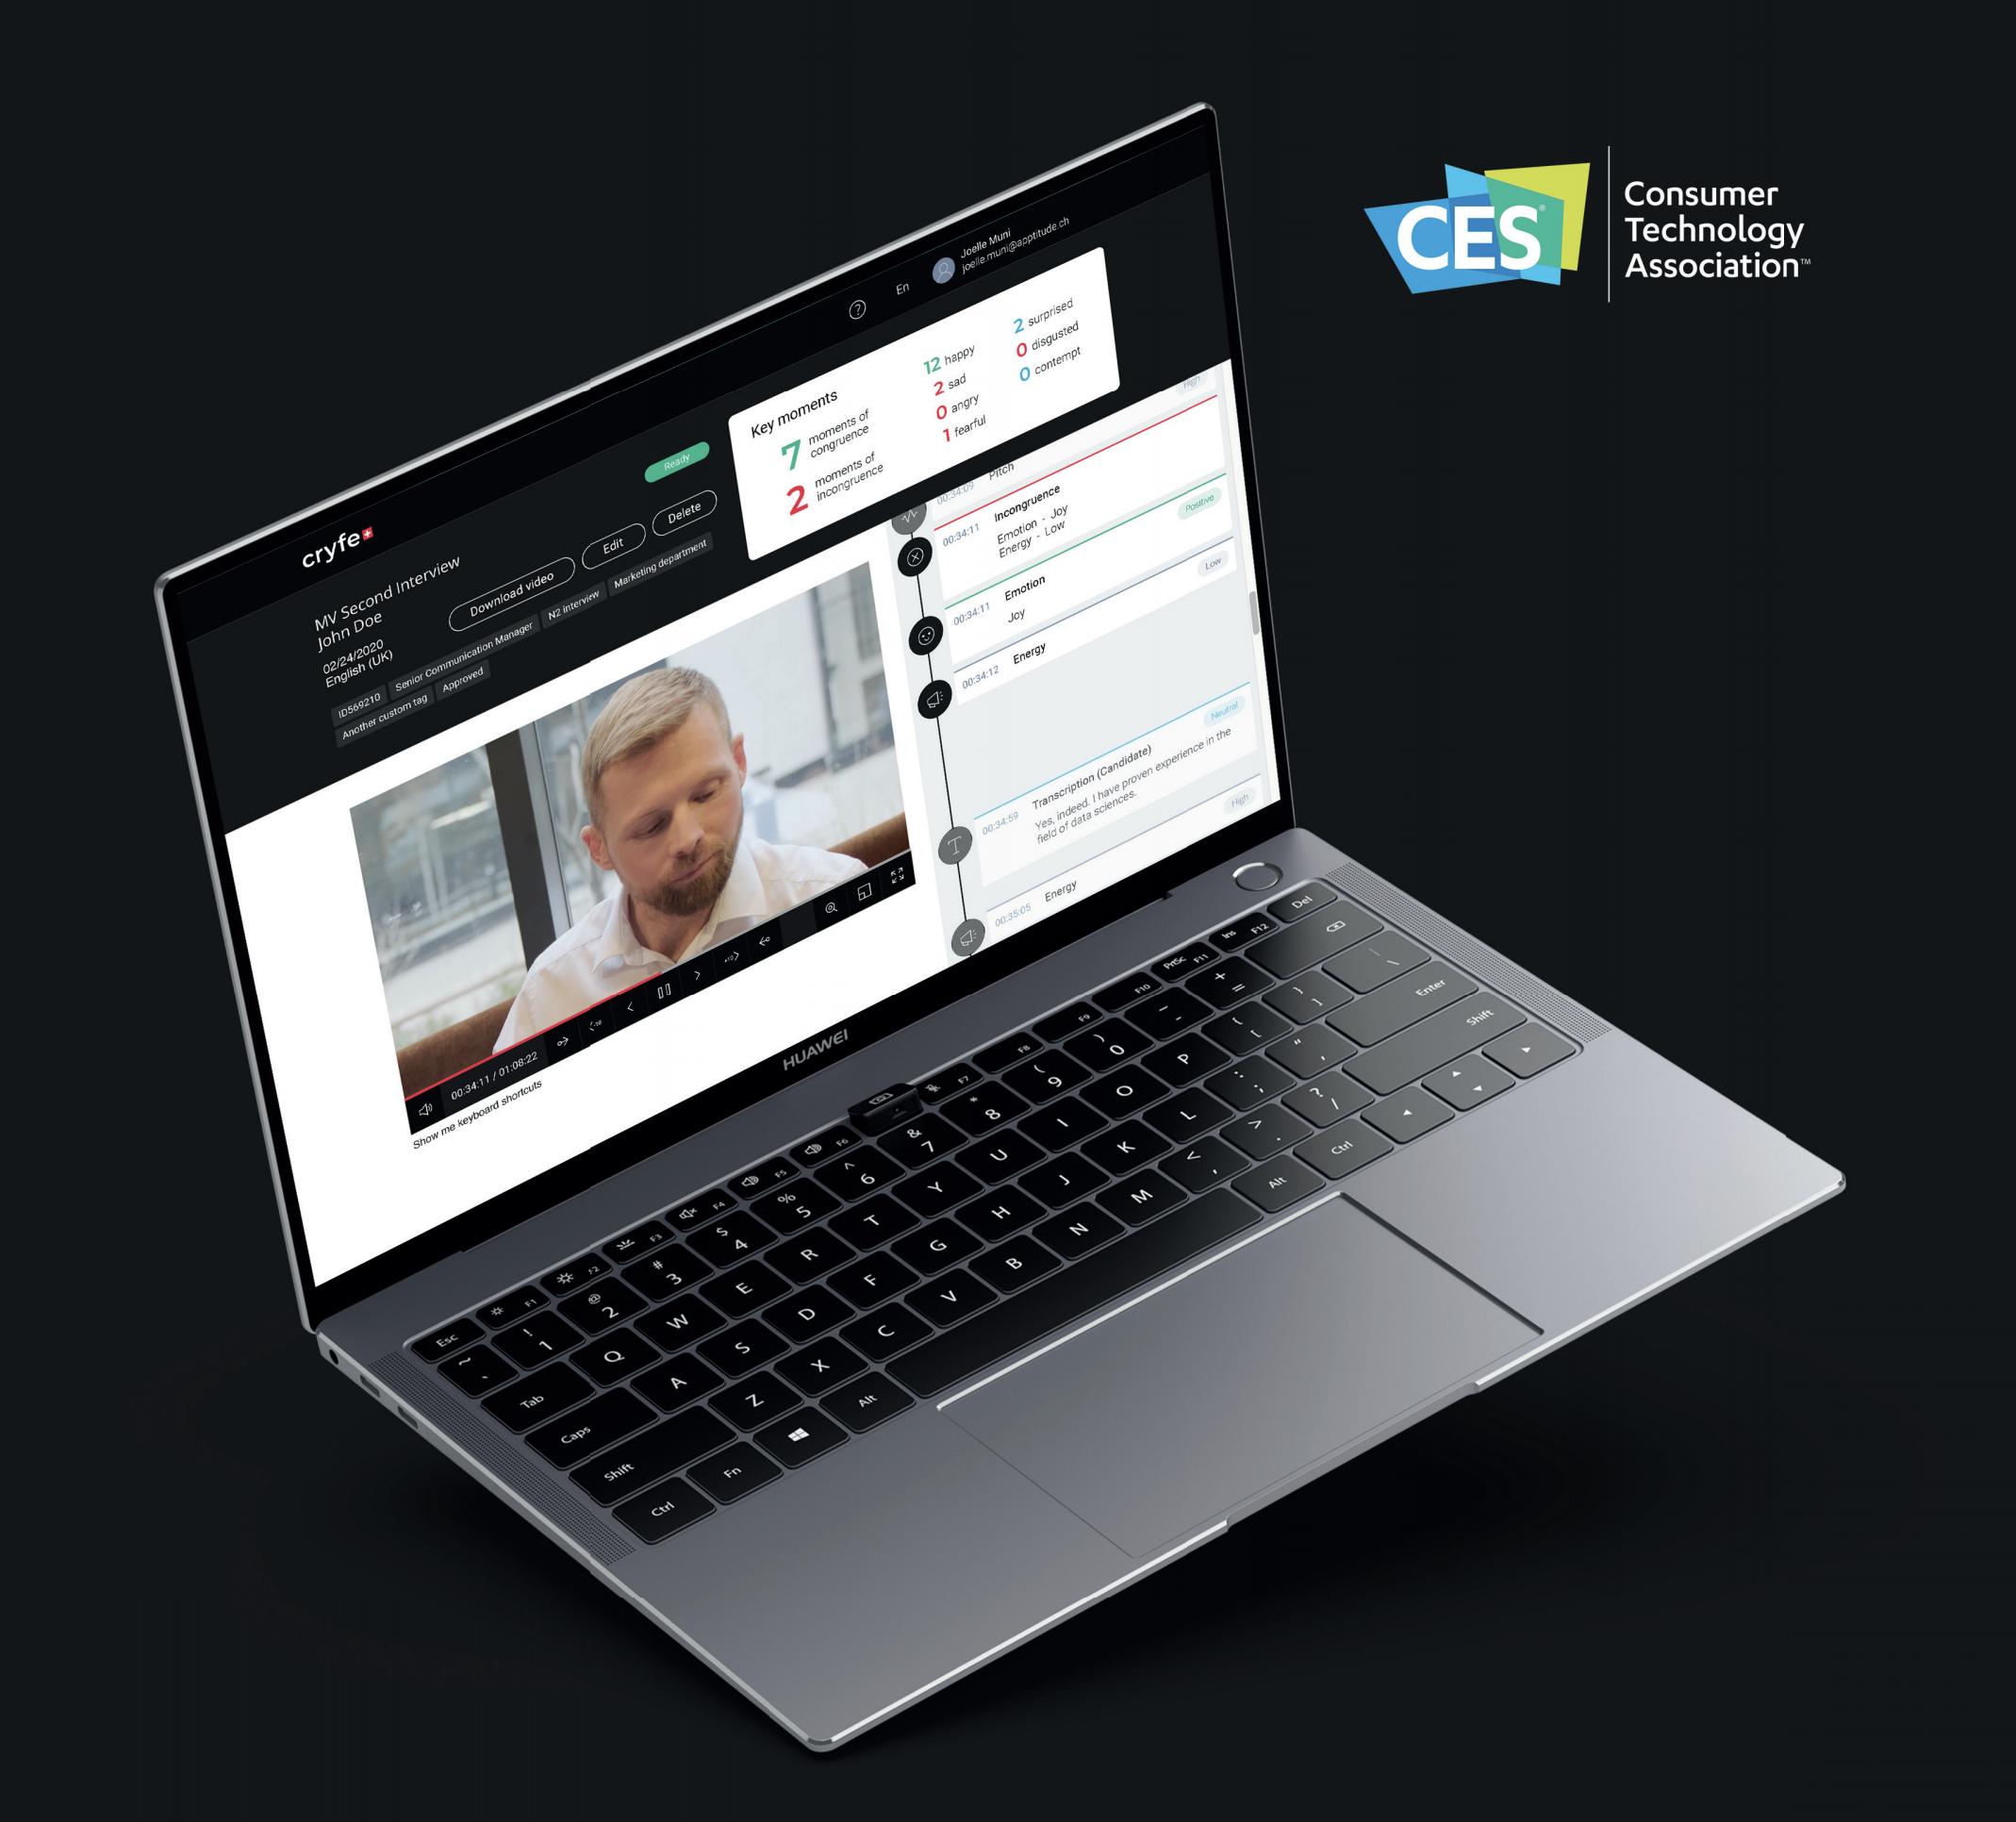 image du logiciel cryfe et le logo ces las vegas 2021